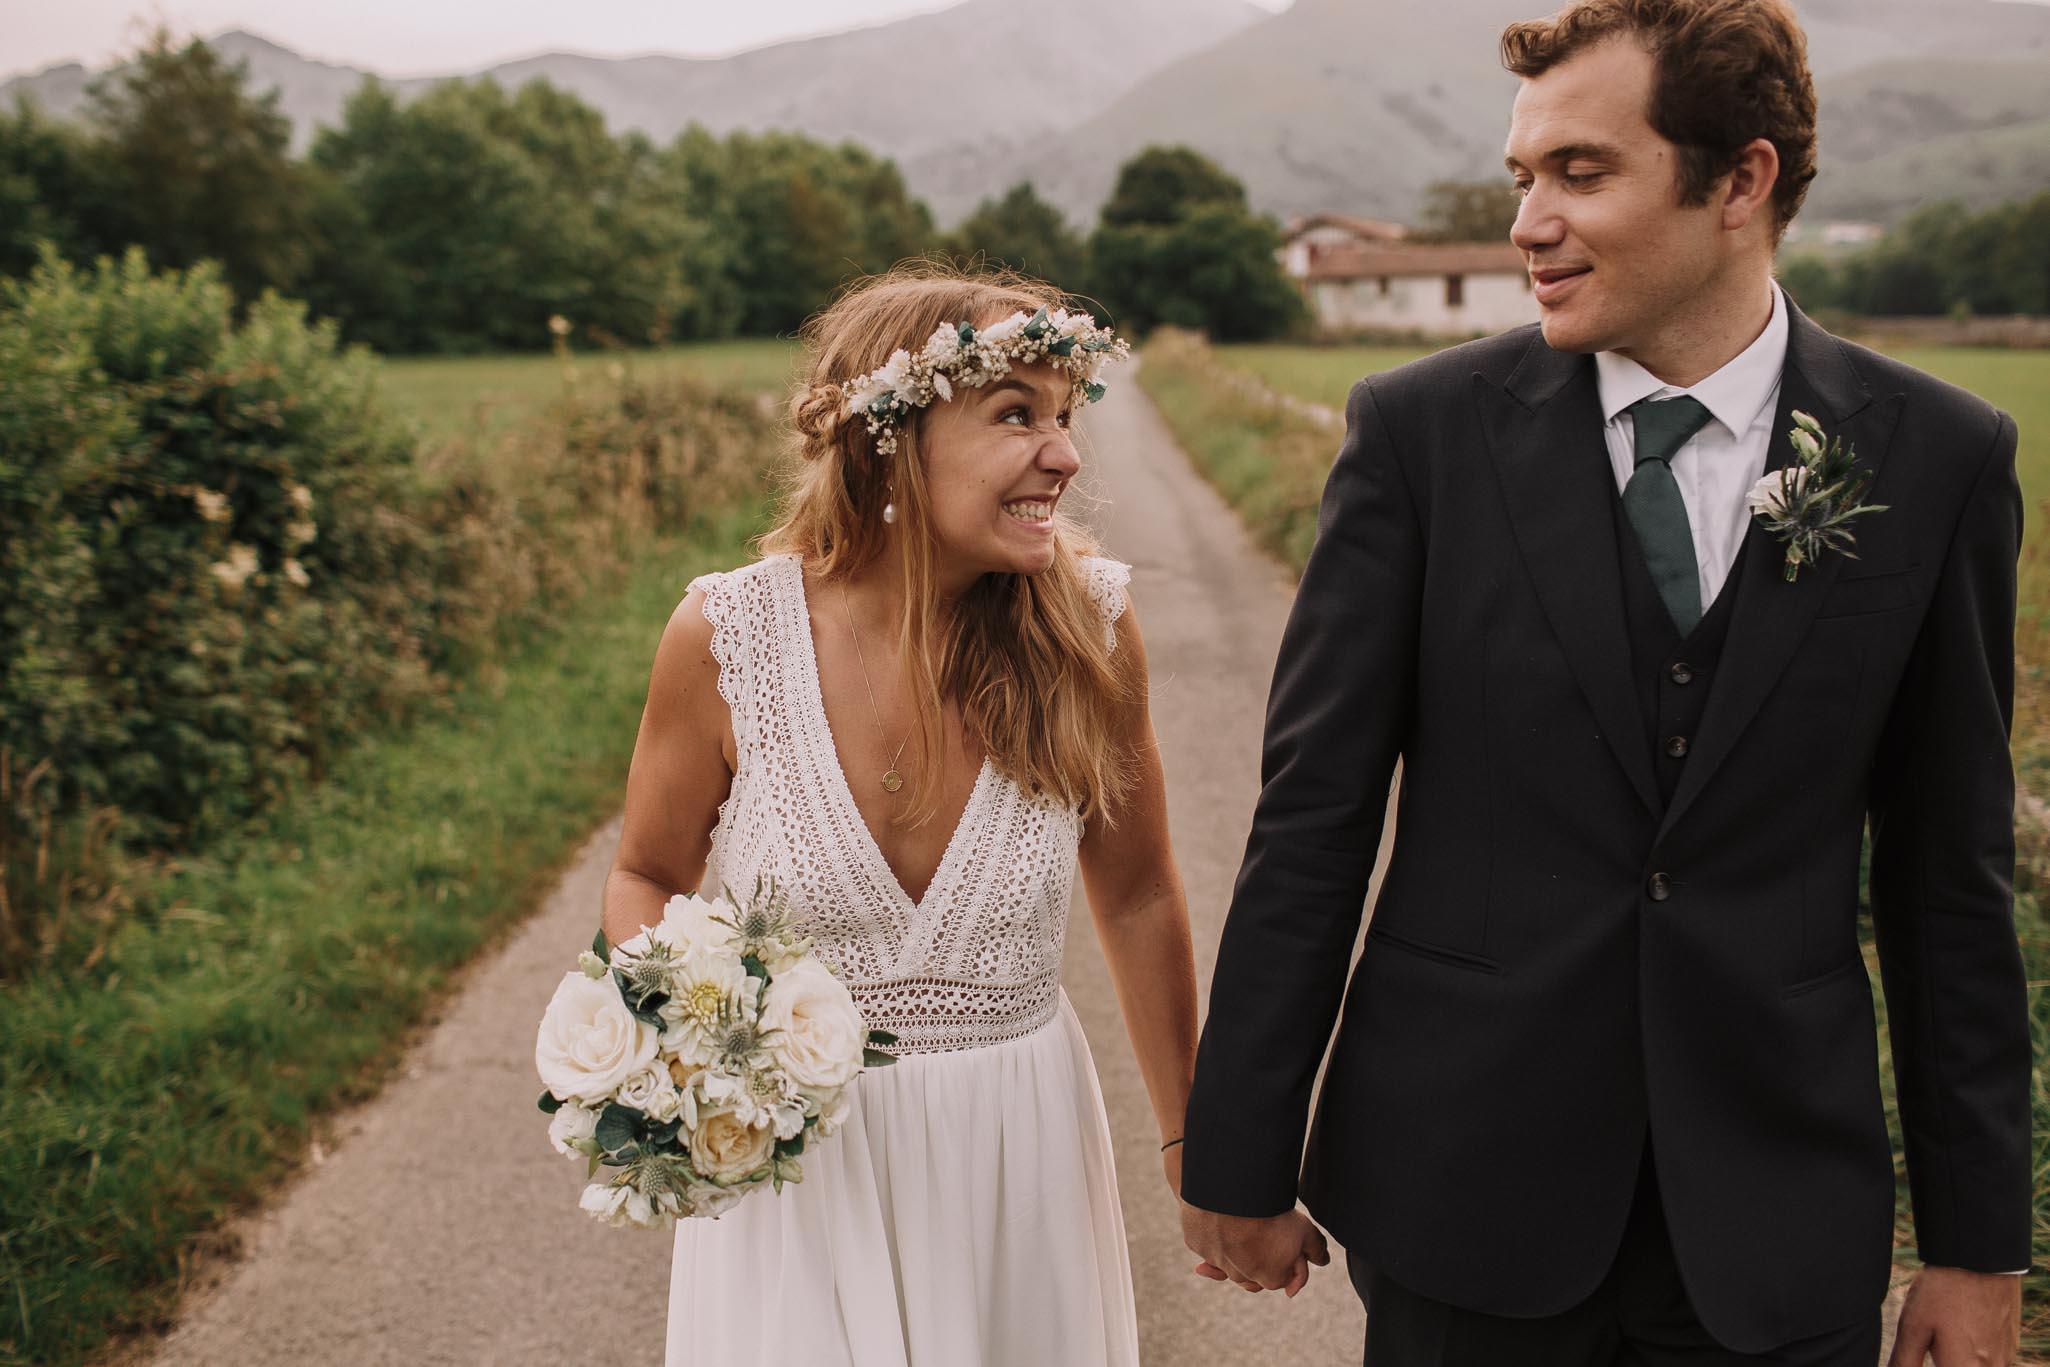 Photographe-mariage-bordeaux-jeremy-boyer-pays-basque-ihartze-artea-sare-robe-eleonore-pauc-couple-amour-126.jpg